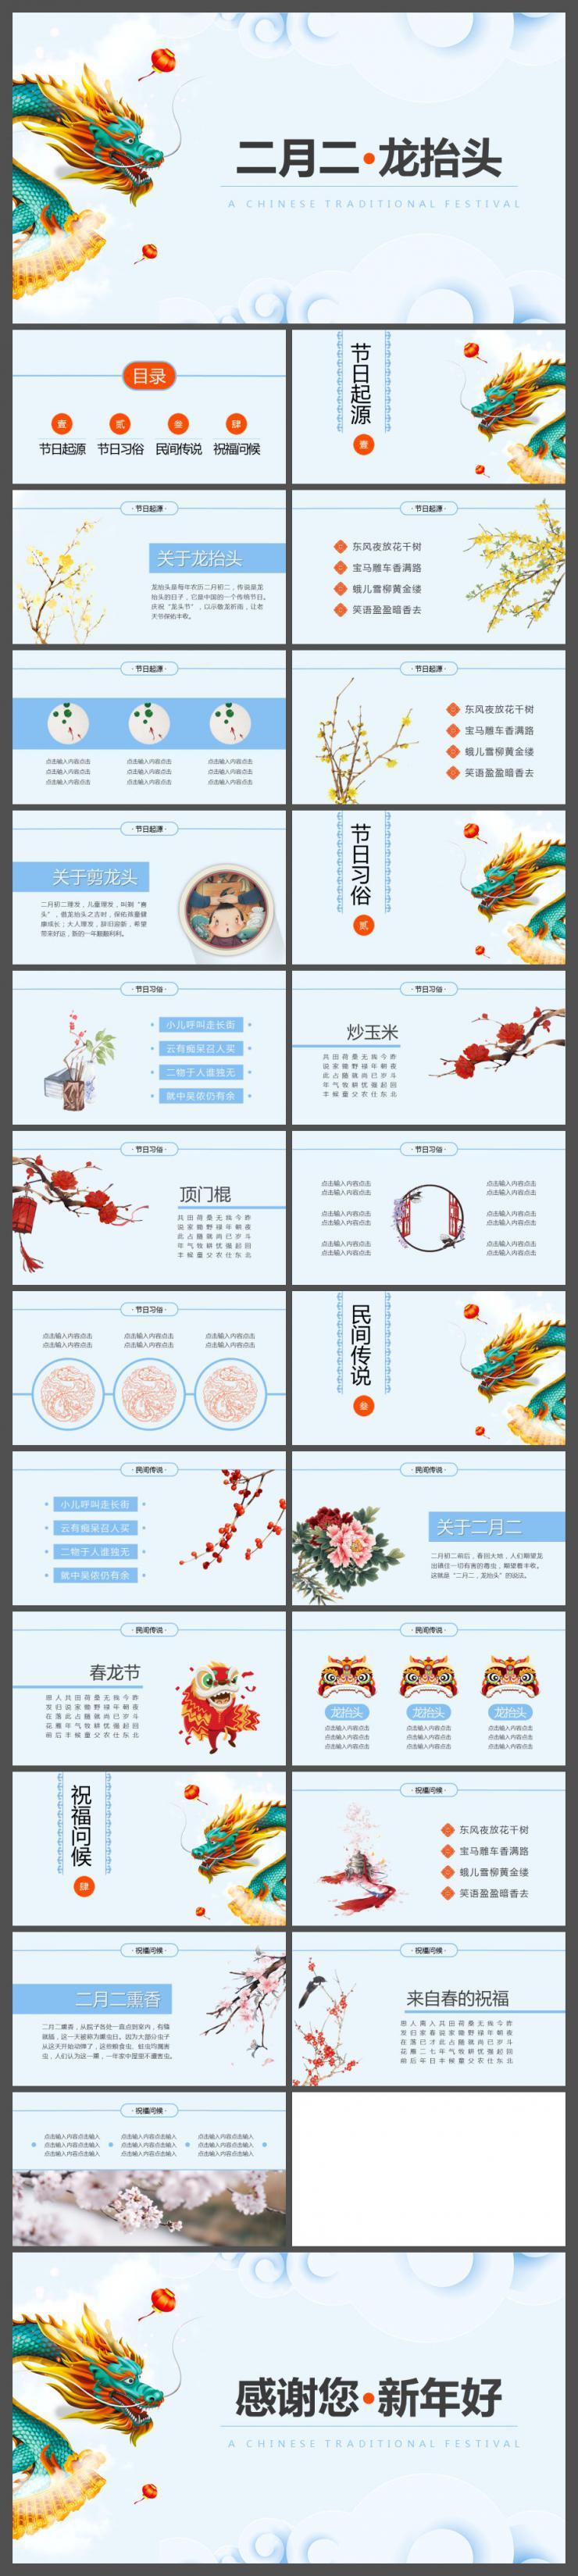 中国传统文化二月二龙抬头习俗主题PPT模板